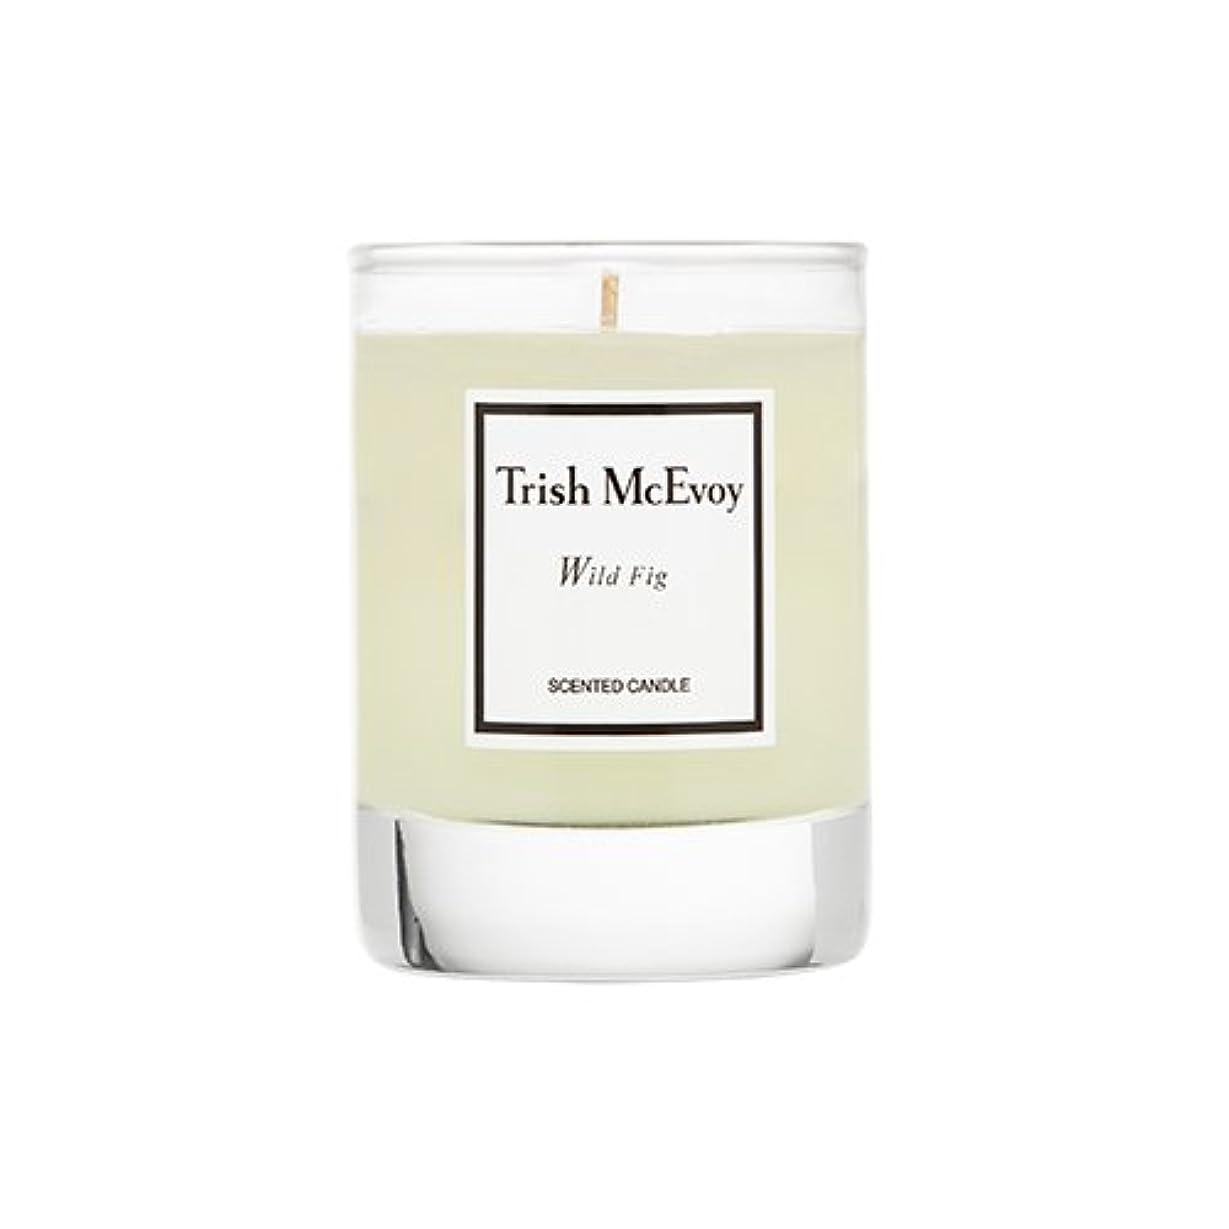 怖い雪ピットTrish McEvoy Wild Fig Scented Candle Votive 2oz